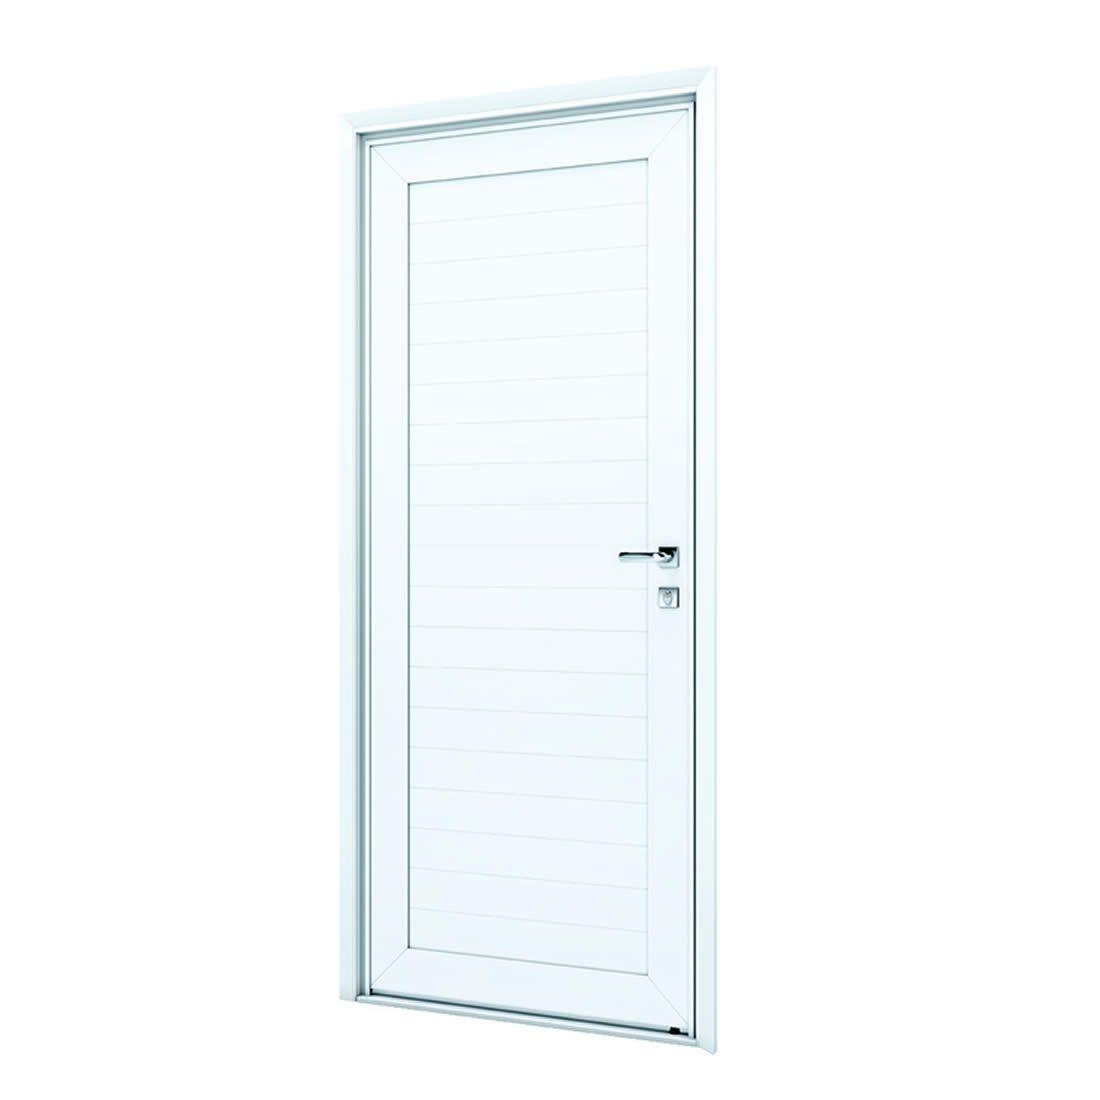 Porta Pivotante de Aluminio Branca S/Friso Abertura Esquerda Ref: 9193.1